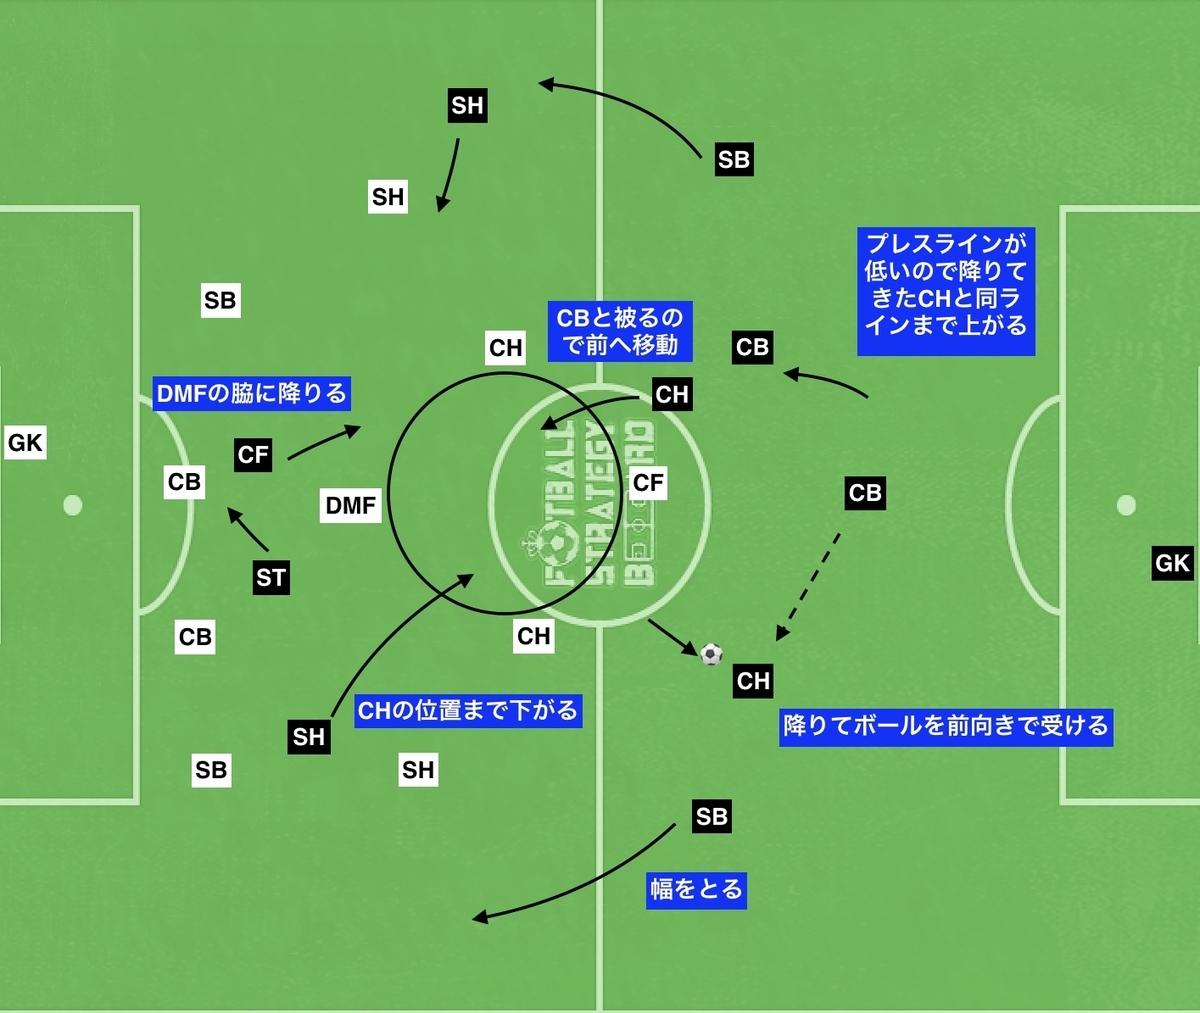 f:id:football-analyst:20190911194347j:plain